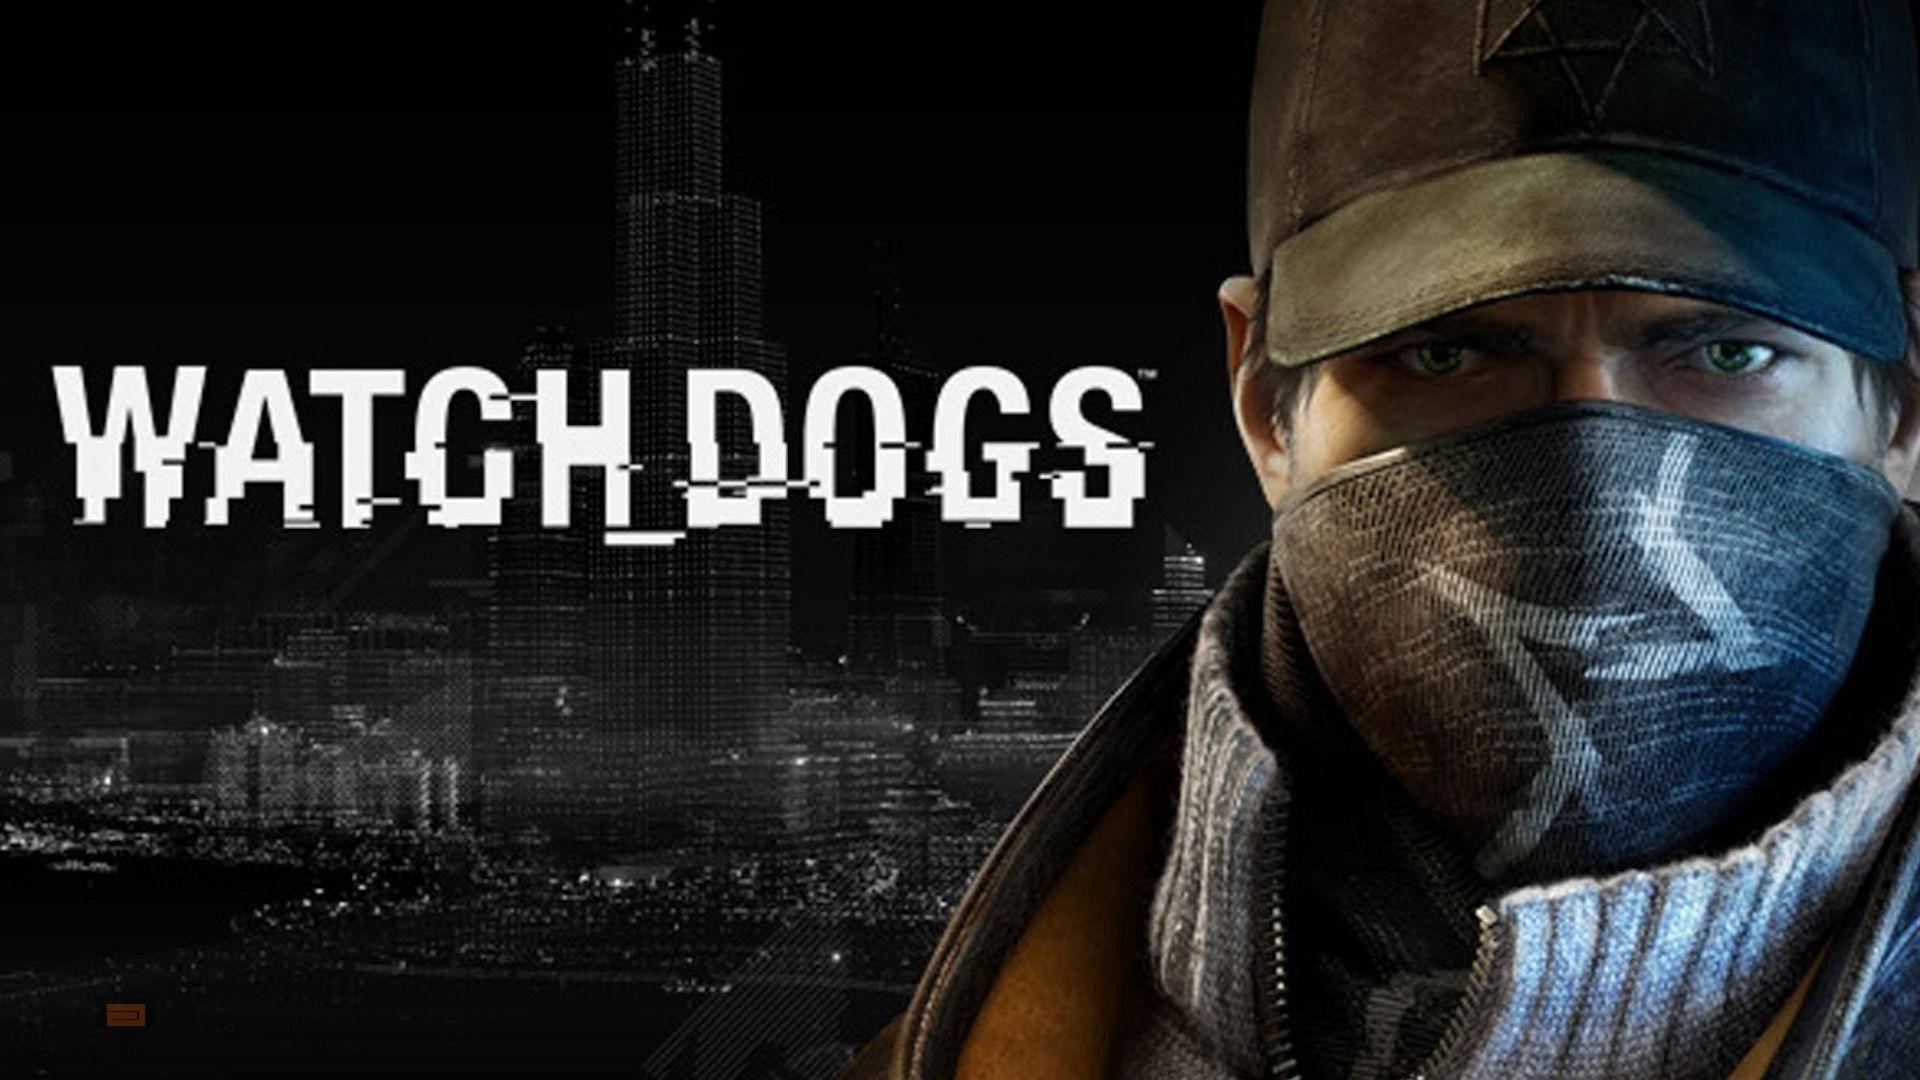 Watch Dogs gratis en Uplay